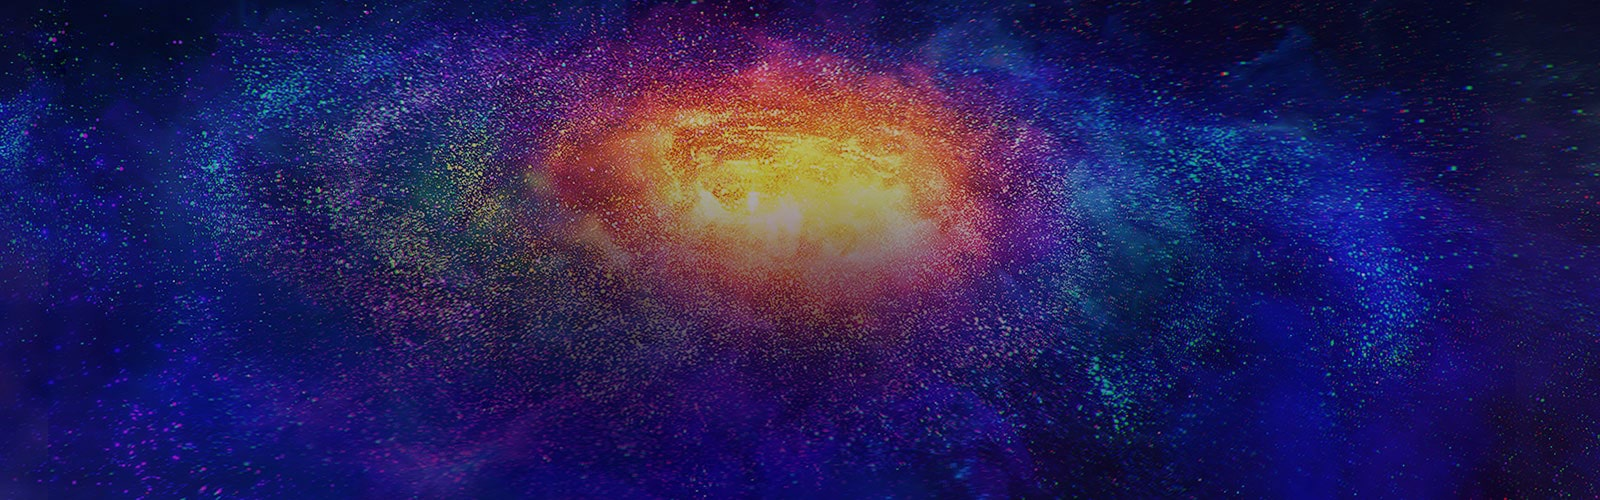 Des millions de petites particules colorées dans l'espace.